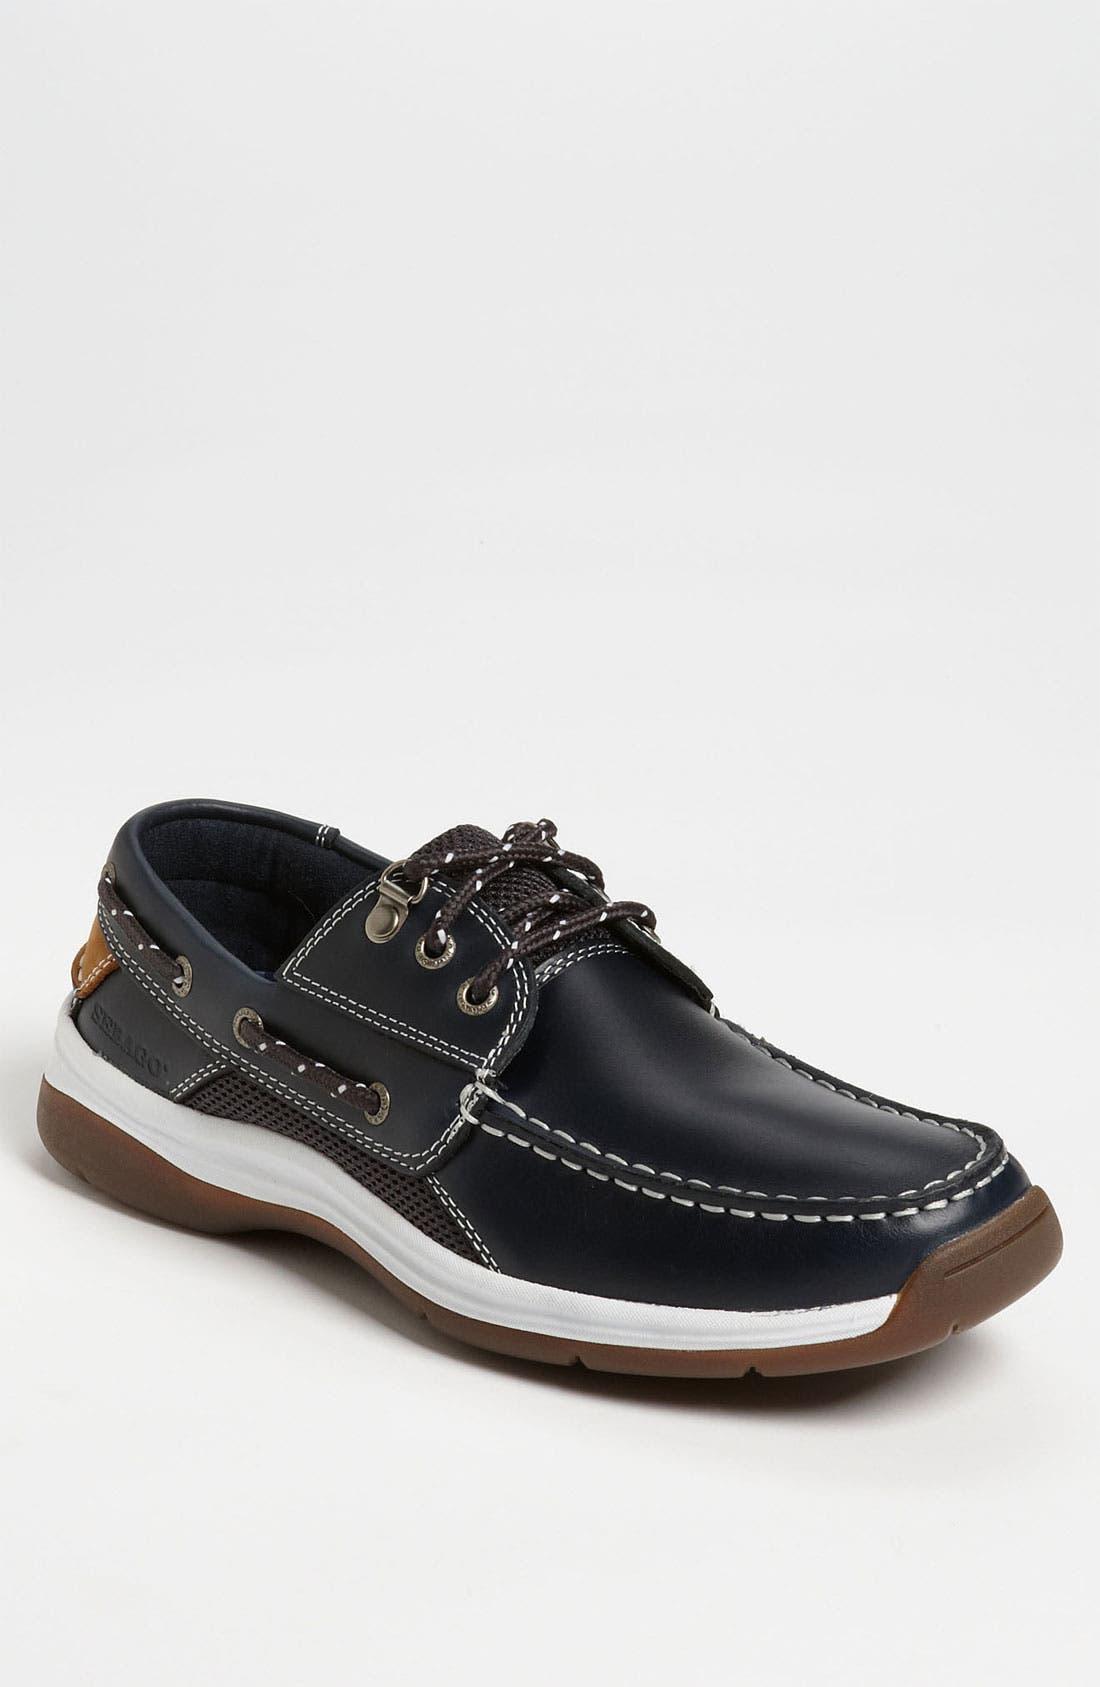 Main Image - Sebago 'Helmsman' Boat Shoe